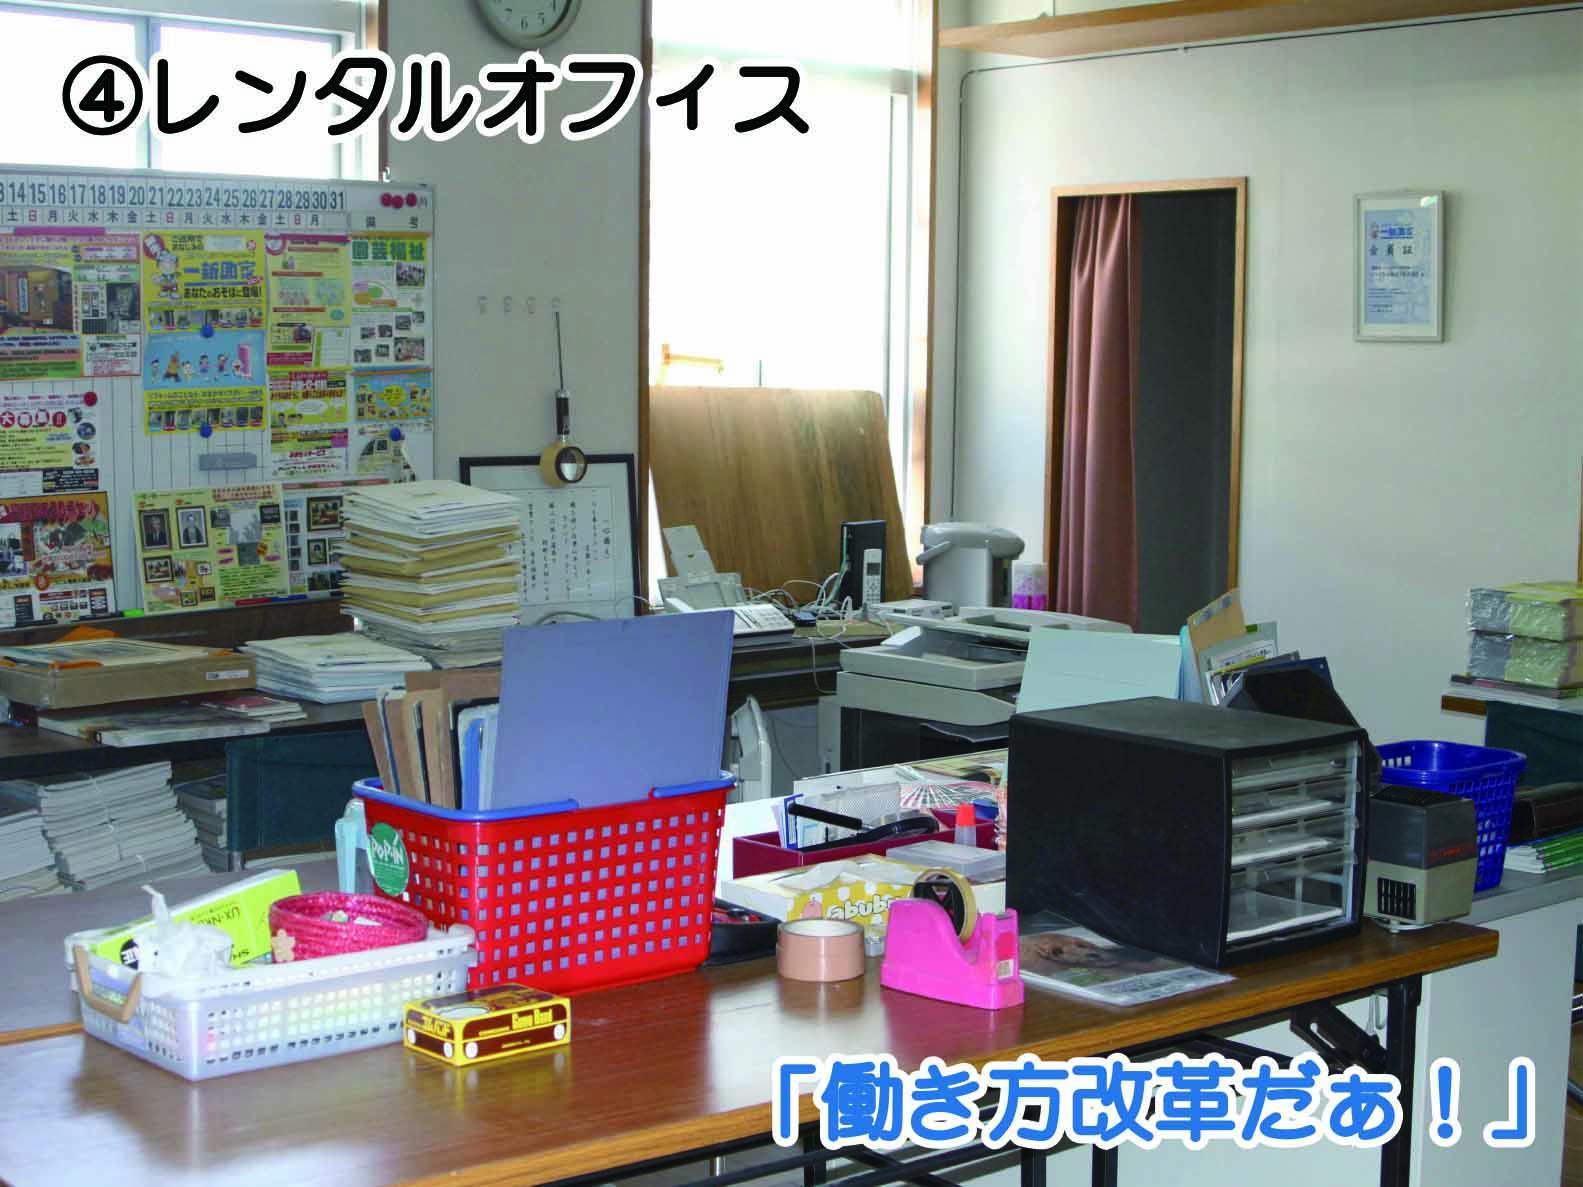 ④レンタルオフィス 渋川